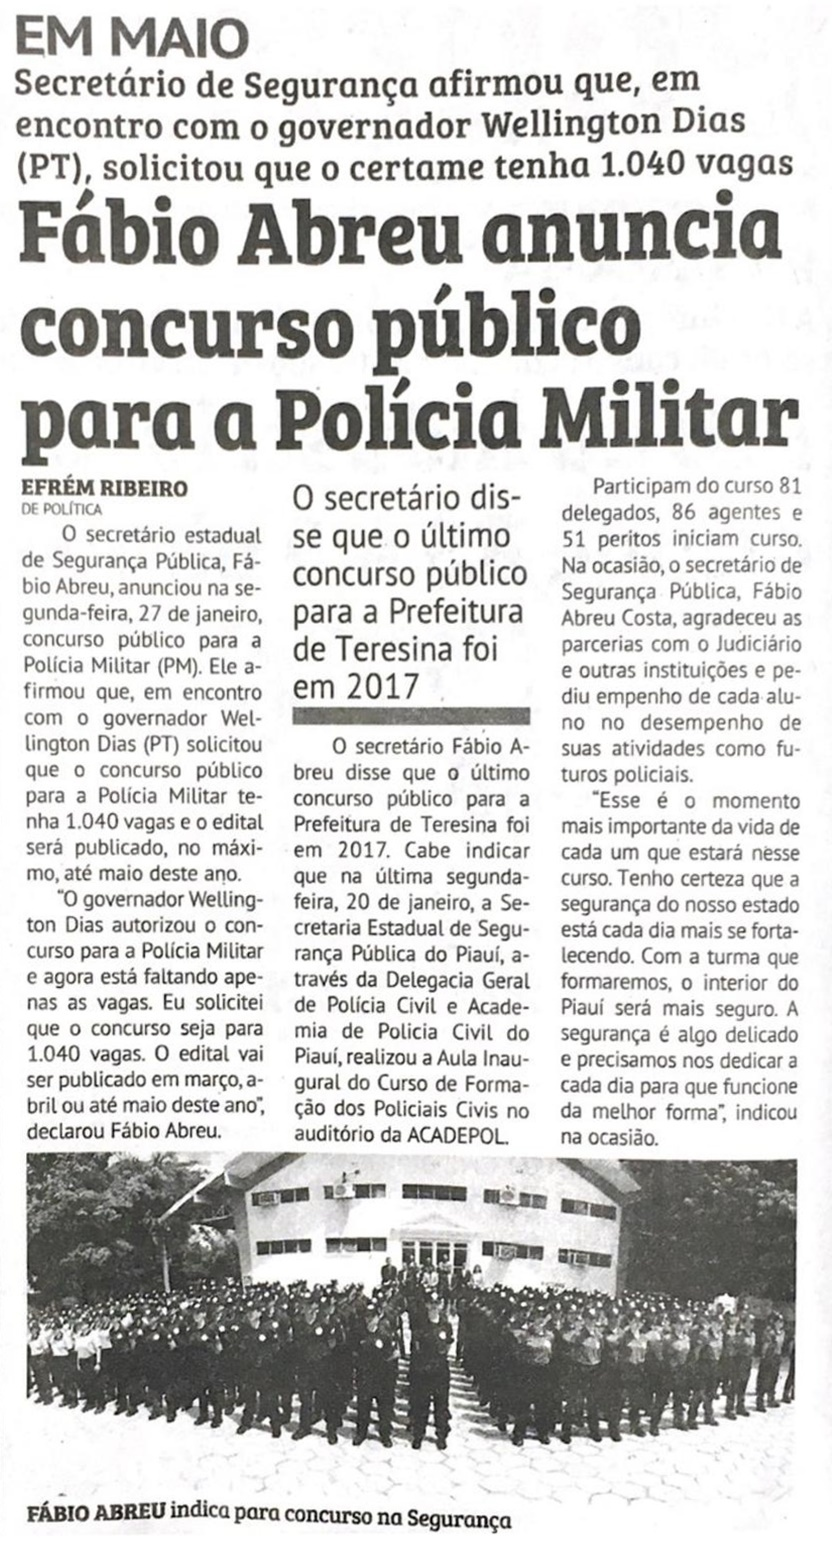 Fábio Abreu anuncia concurso com 1.040 vagas para a Polícia Militar 2